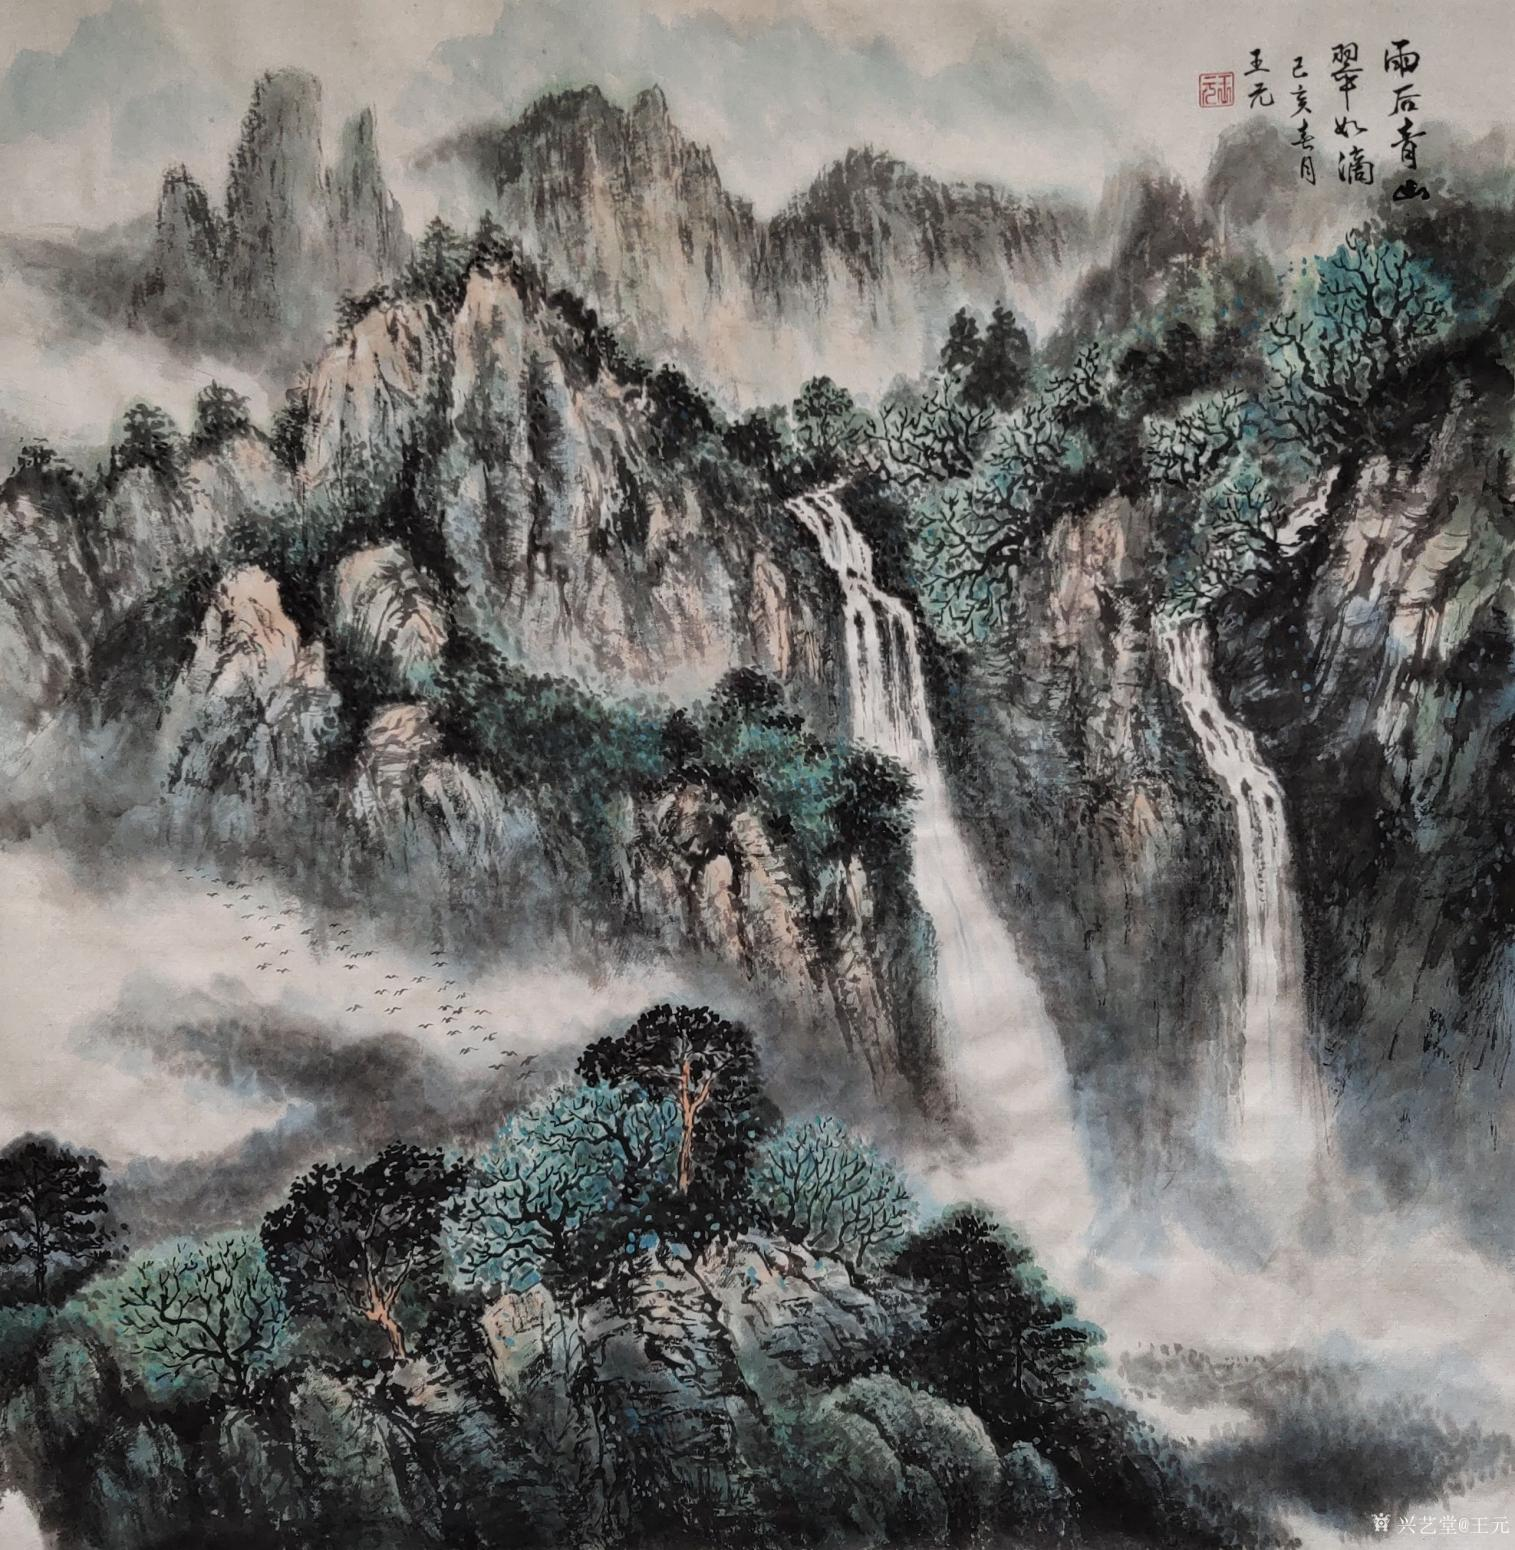 王元国画作品《雨后青山翠如滴》